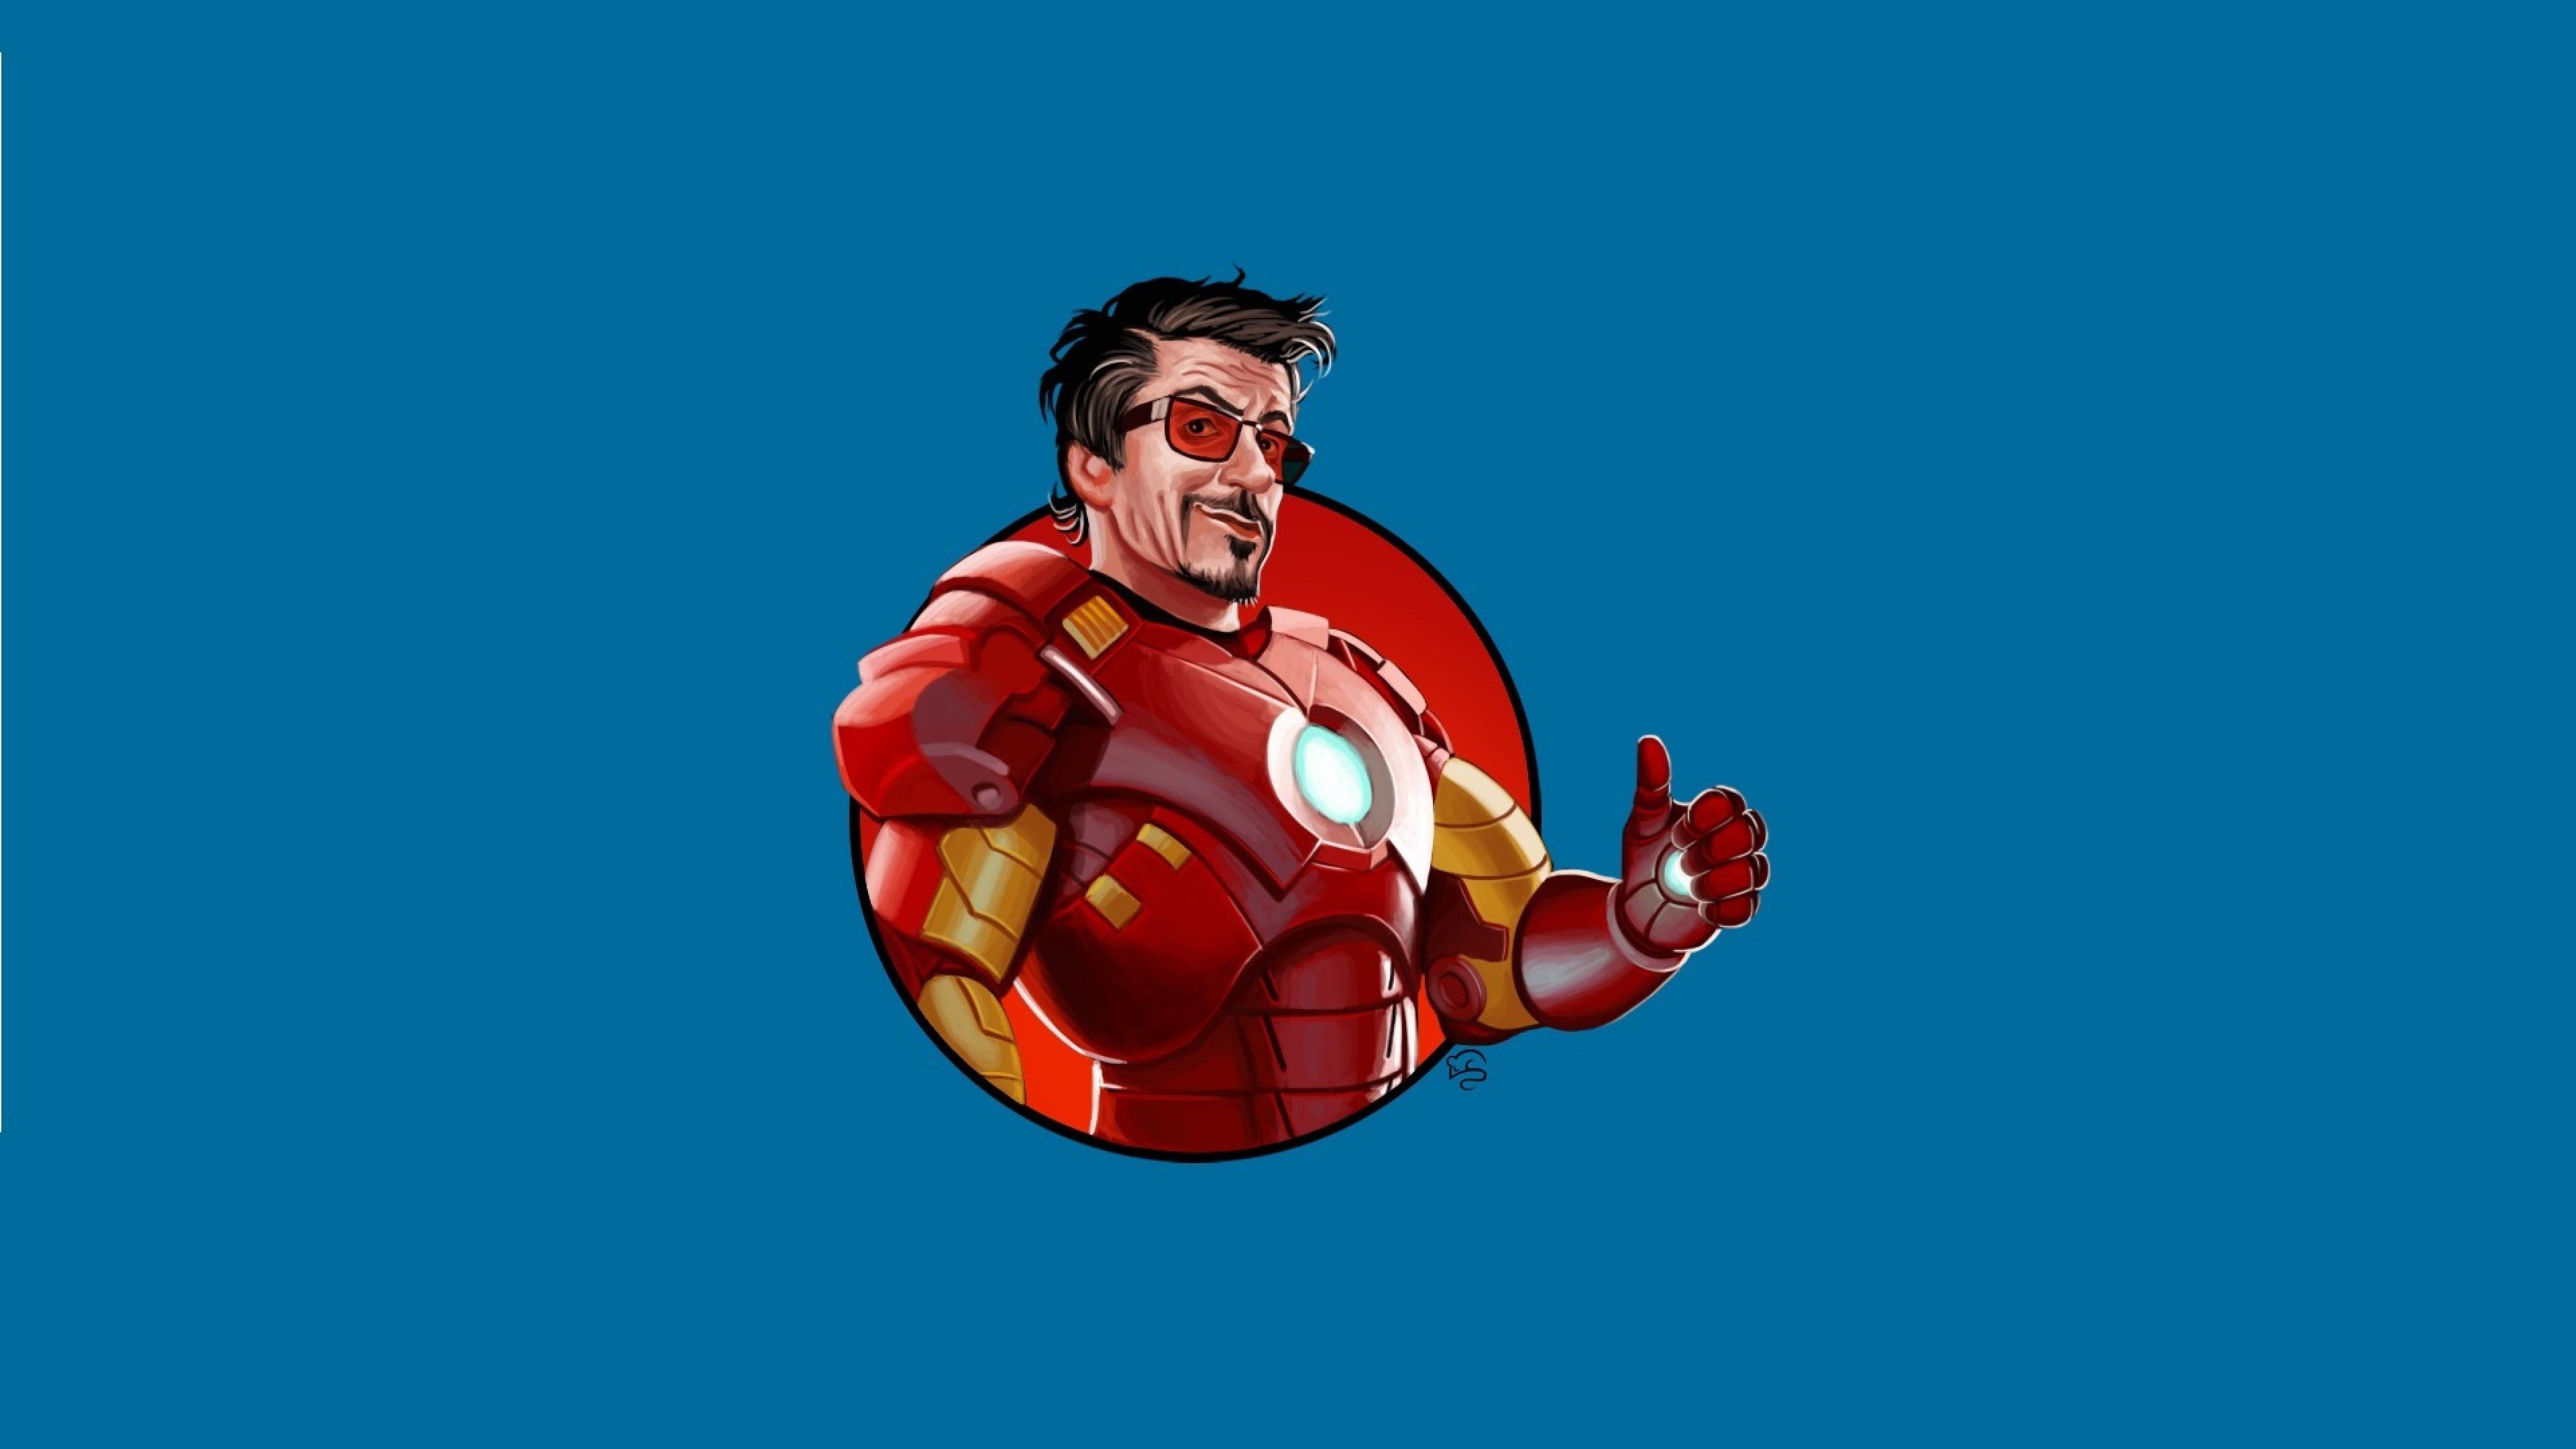 iron man fan art 4k 1540748328 - Iron Man Fan Art 4k - super heroes wallpapers, robert downey jr wallpapers, movies wallpapers, iron man wallpapers, digital art wallpapers, artist wallpapers, art wallpapers